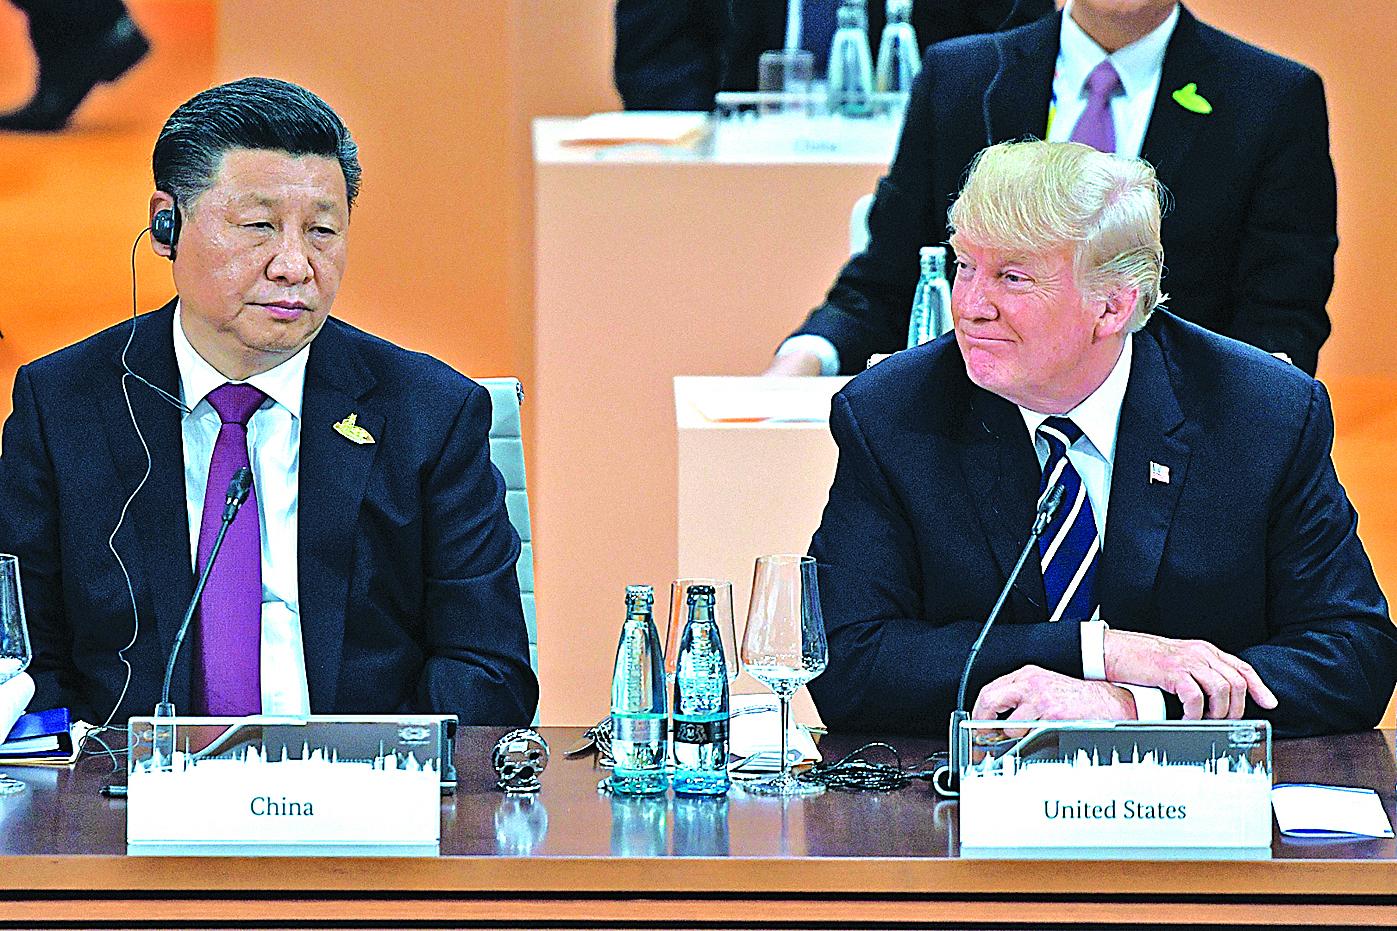 特朗普總統上周三跟習近平就北韓問題再次通話。特朗普表示雙方都非常坦率和堅定。圖為7月7日習近平和特朗普在德國漢堡G20峰會期間共同參加一個工作會議。(Getty Images)